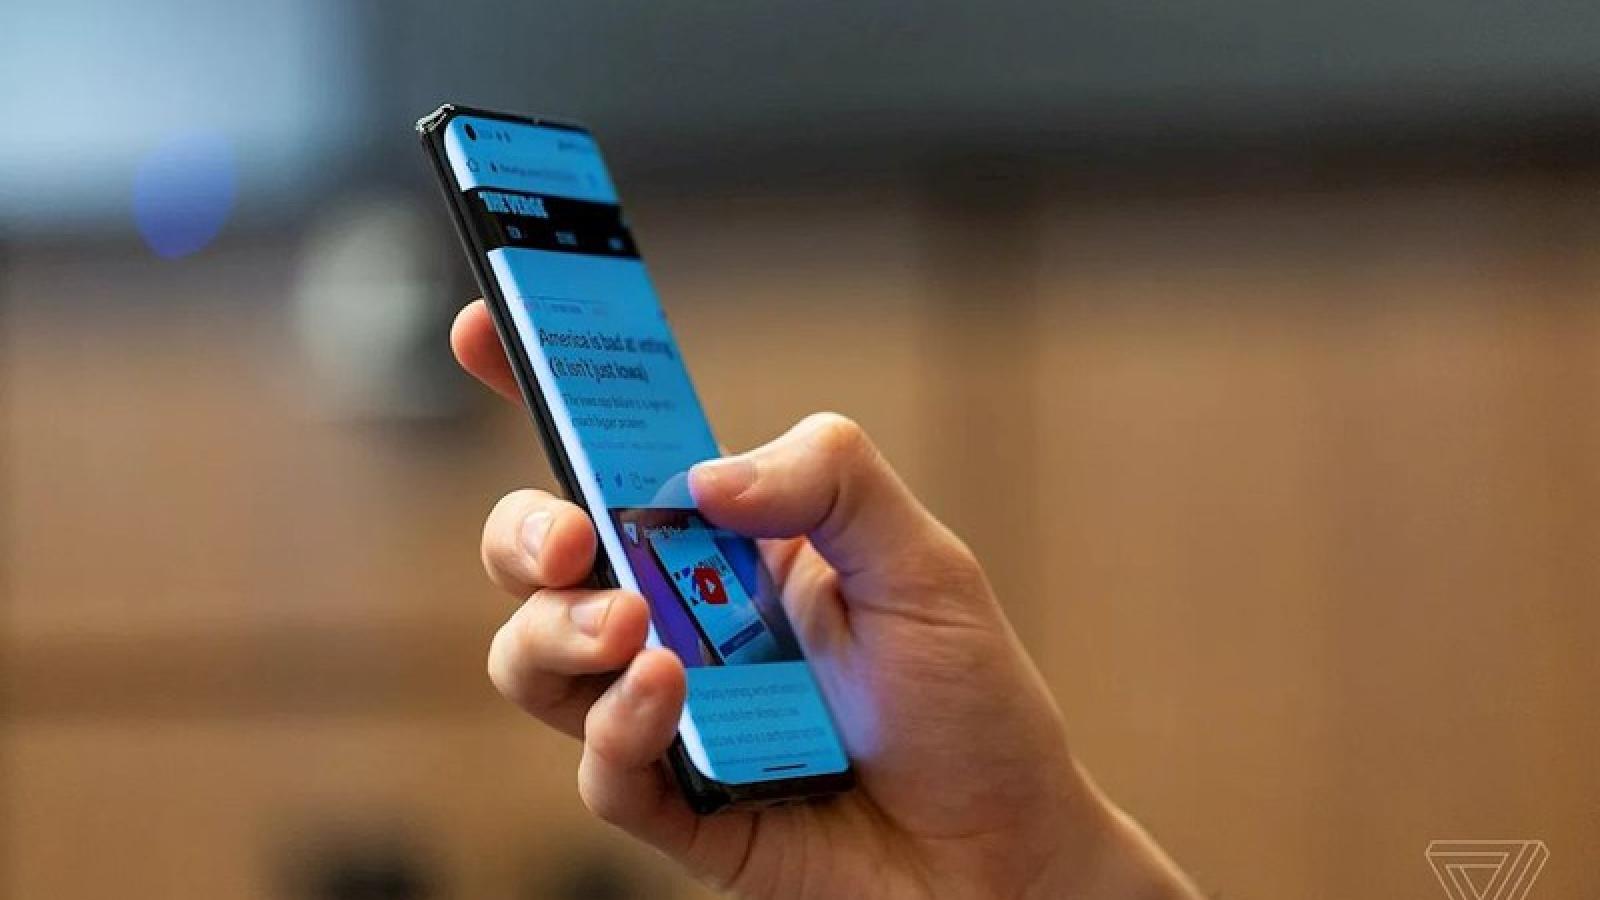 Covid-19 khiến doanh số smartphone giảm mạnh nhất trong 6 năm qua